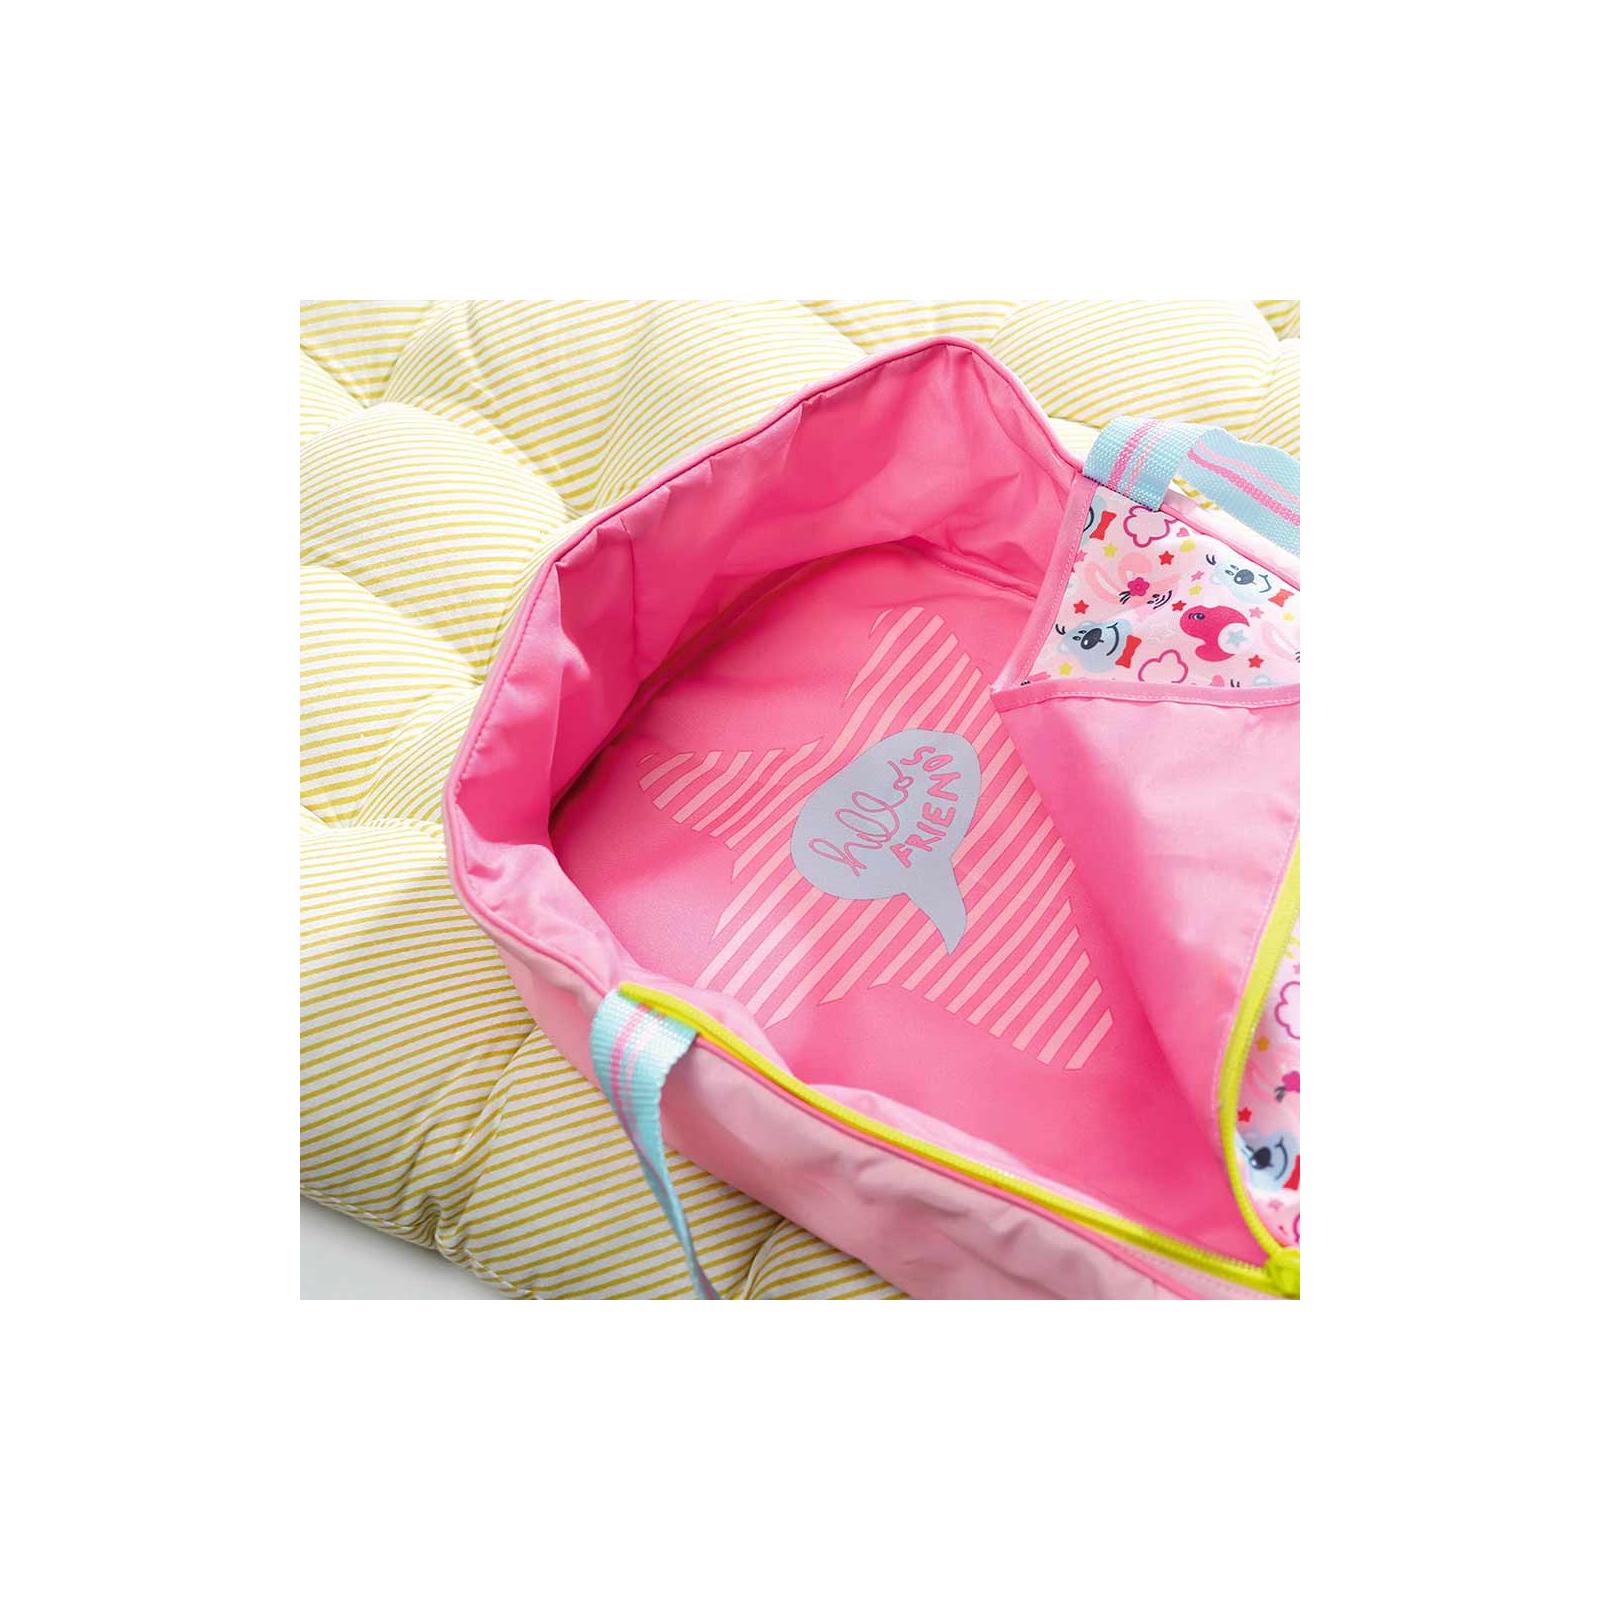 Аксессуар к кукле Zapf Люлька-переноска Baby Born 2 в 1 Яркие сны (824429) изображение 2